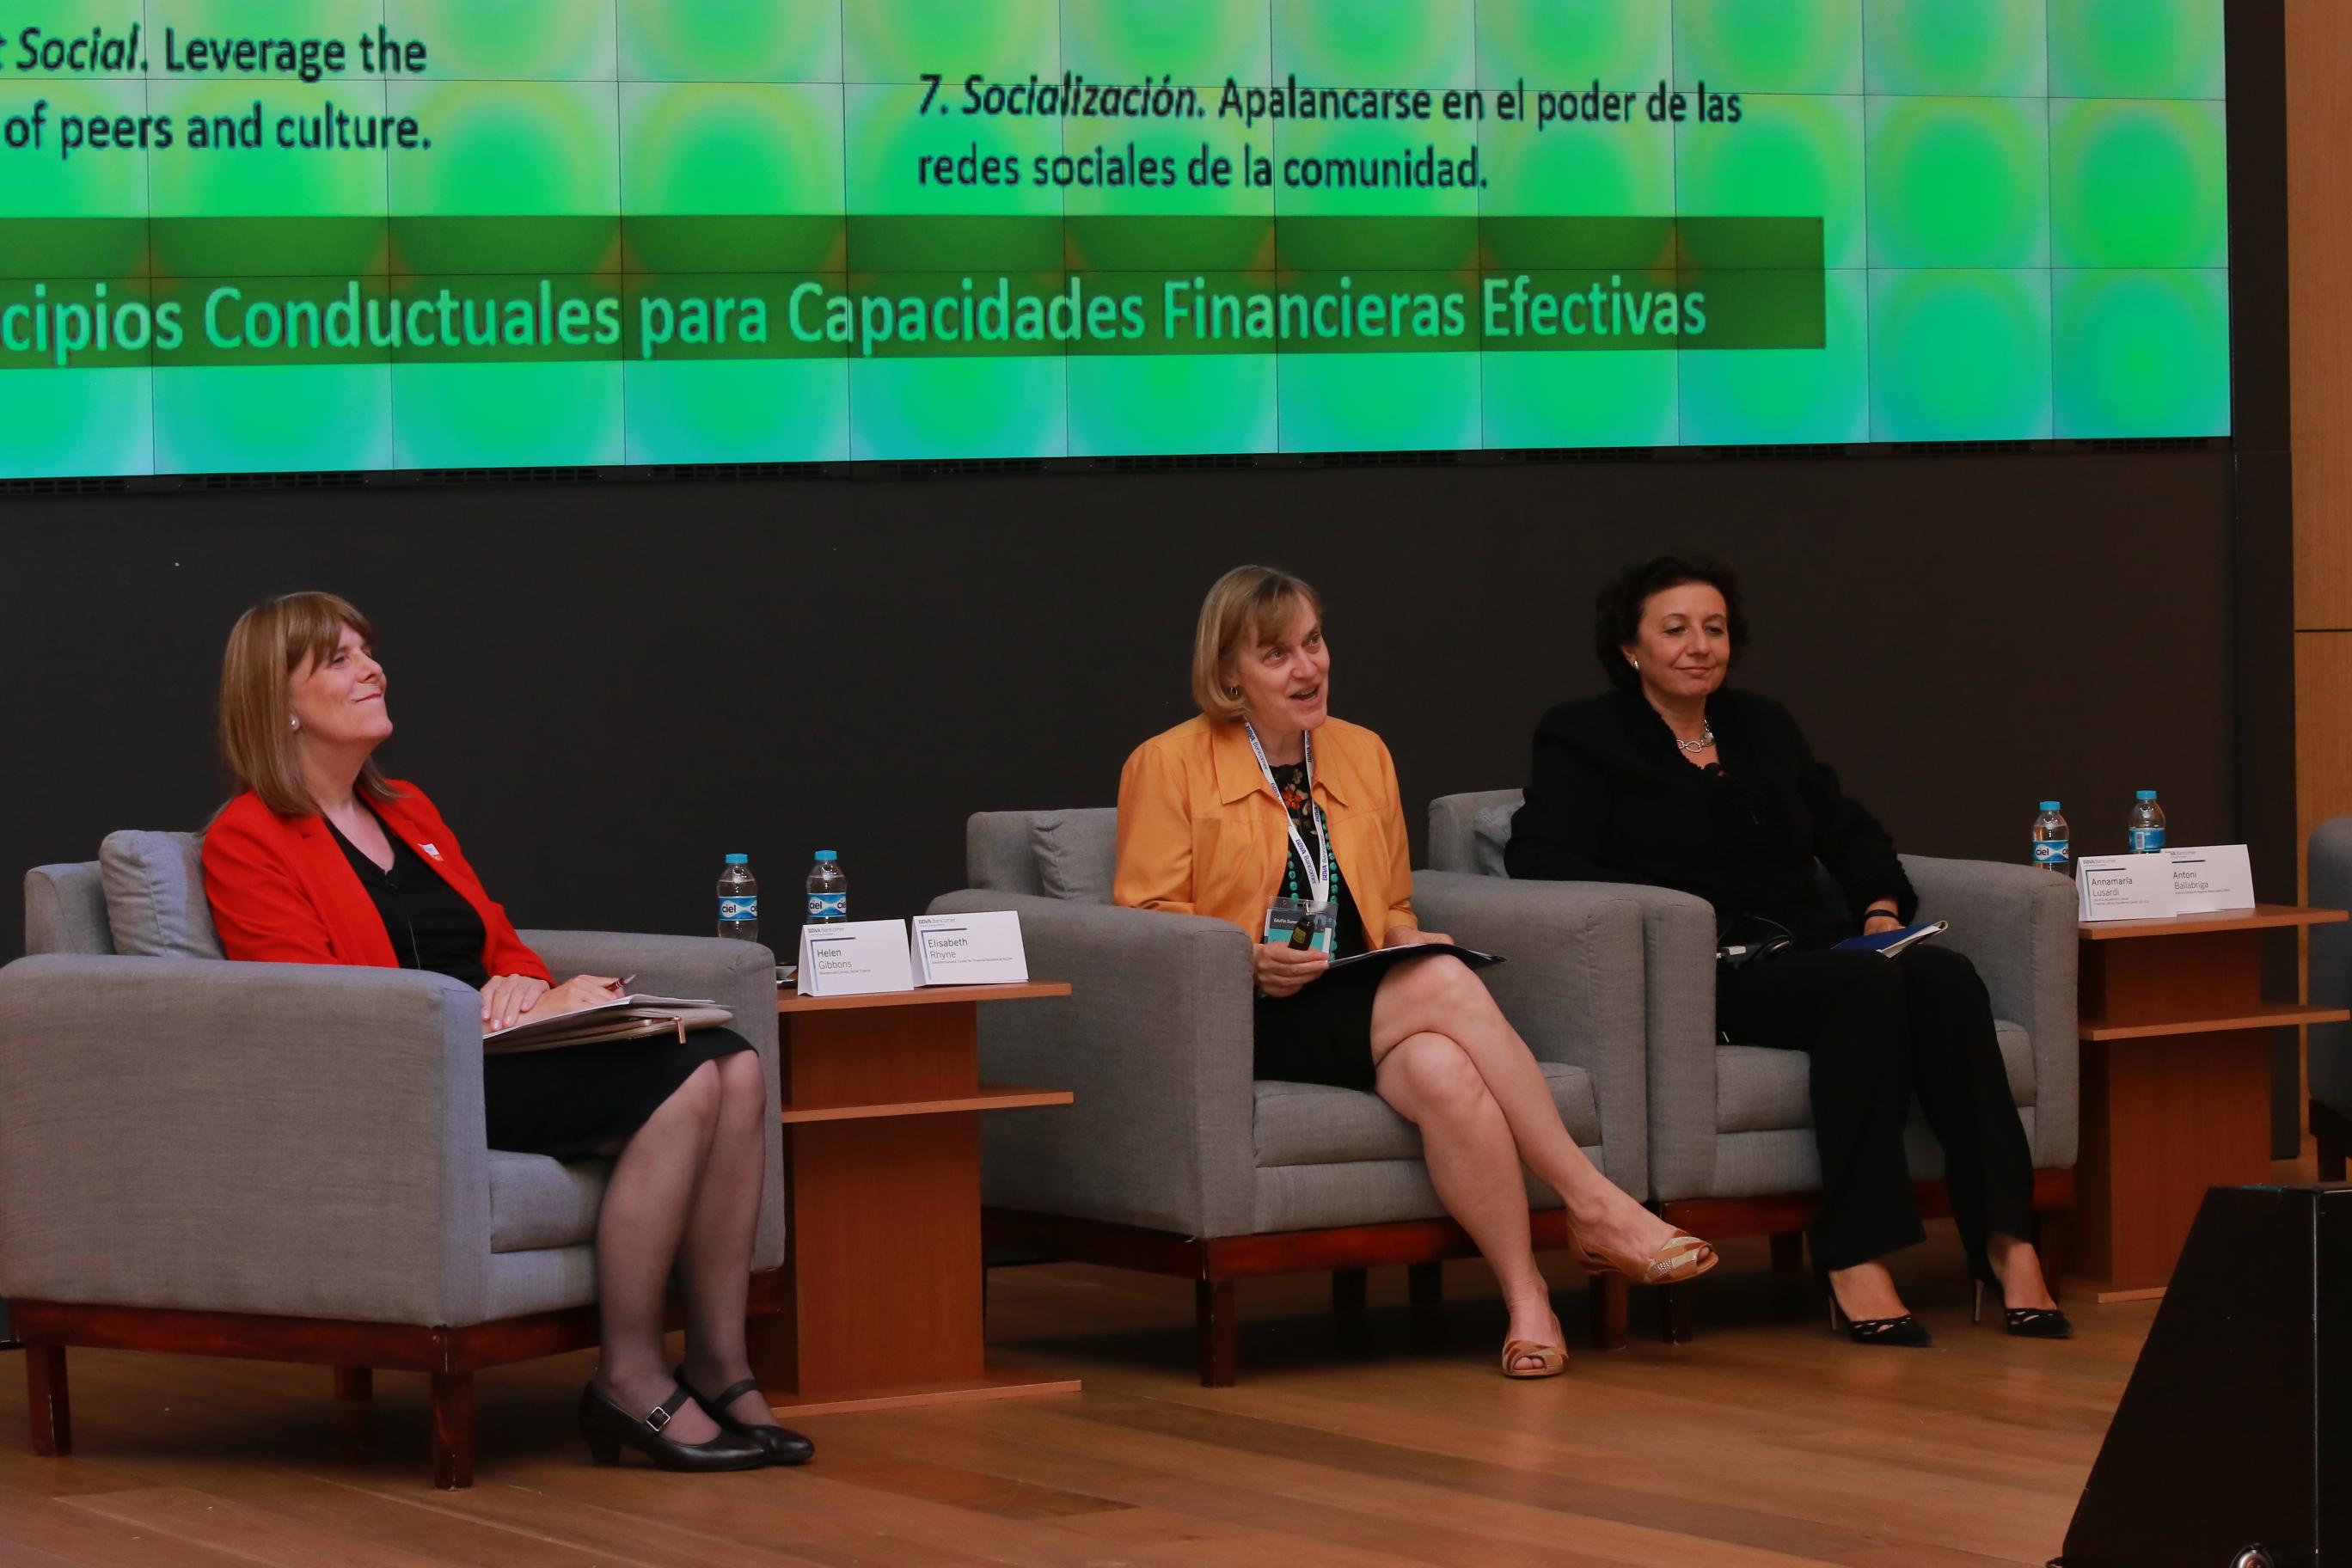 Helen Gibbons, Elisabeth Rhyne y Annamaría Lusardi